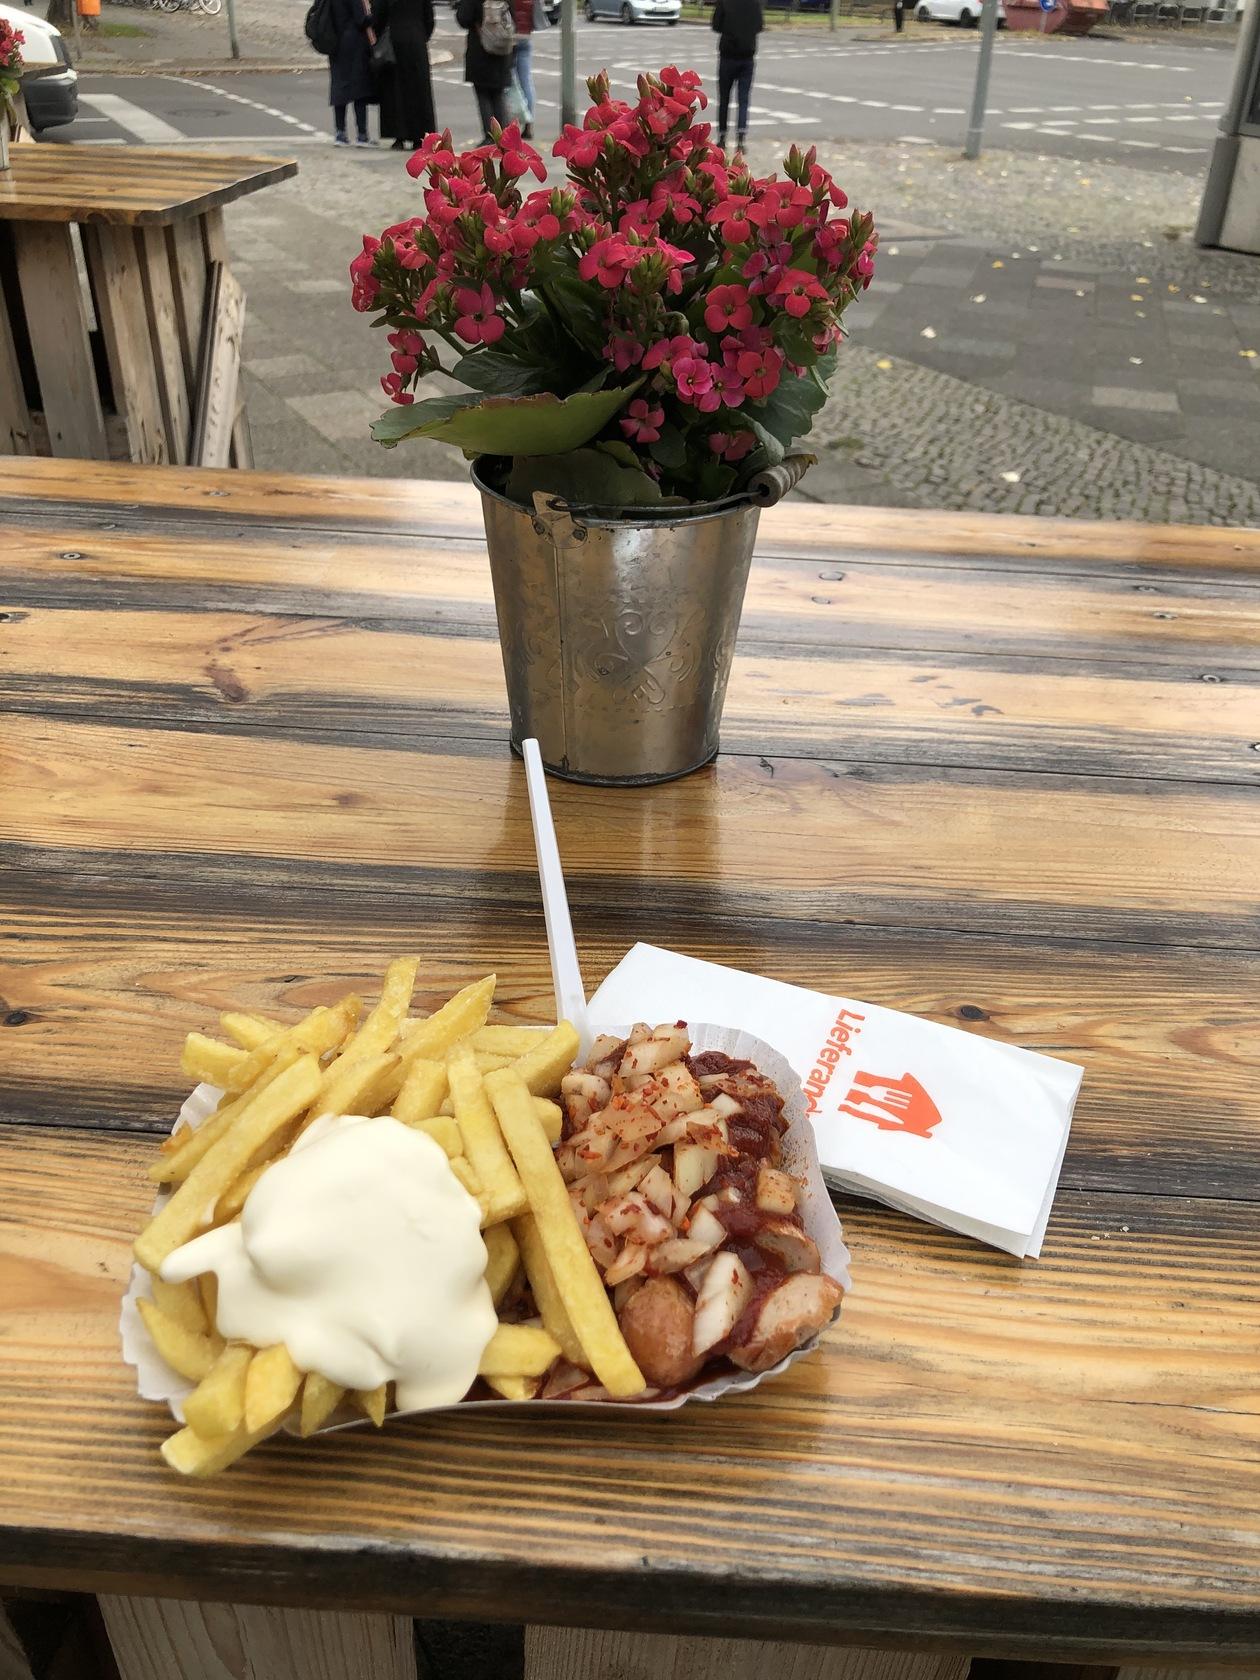 カレーソーセージ | ベルリン在住ともおてつさんのおすすめ料理・食べ物